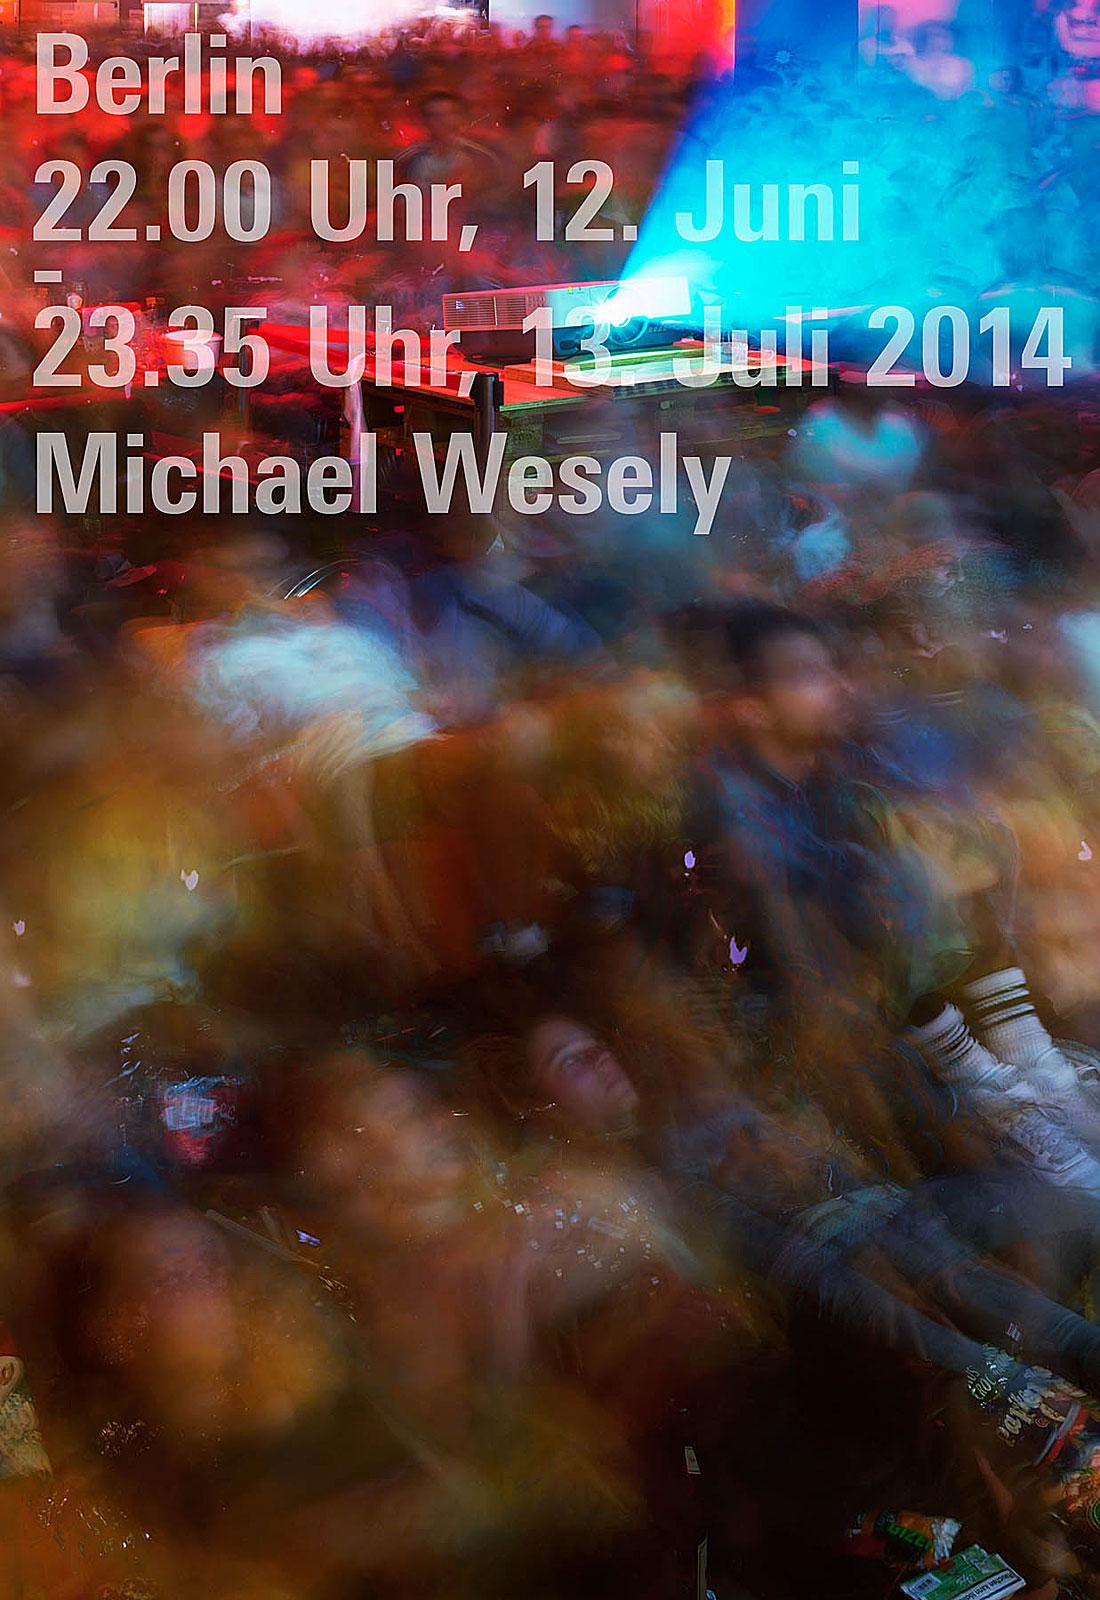 Berlin (22.00 Uhr, 12. Juni - 23.35 Uhr, 13. Juli 2014)